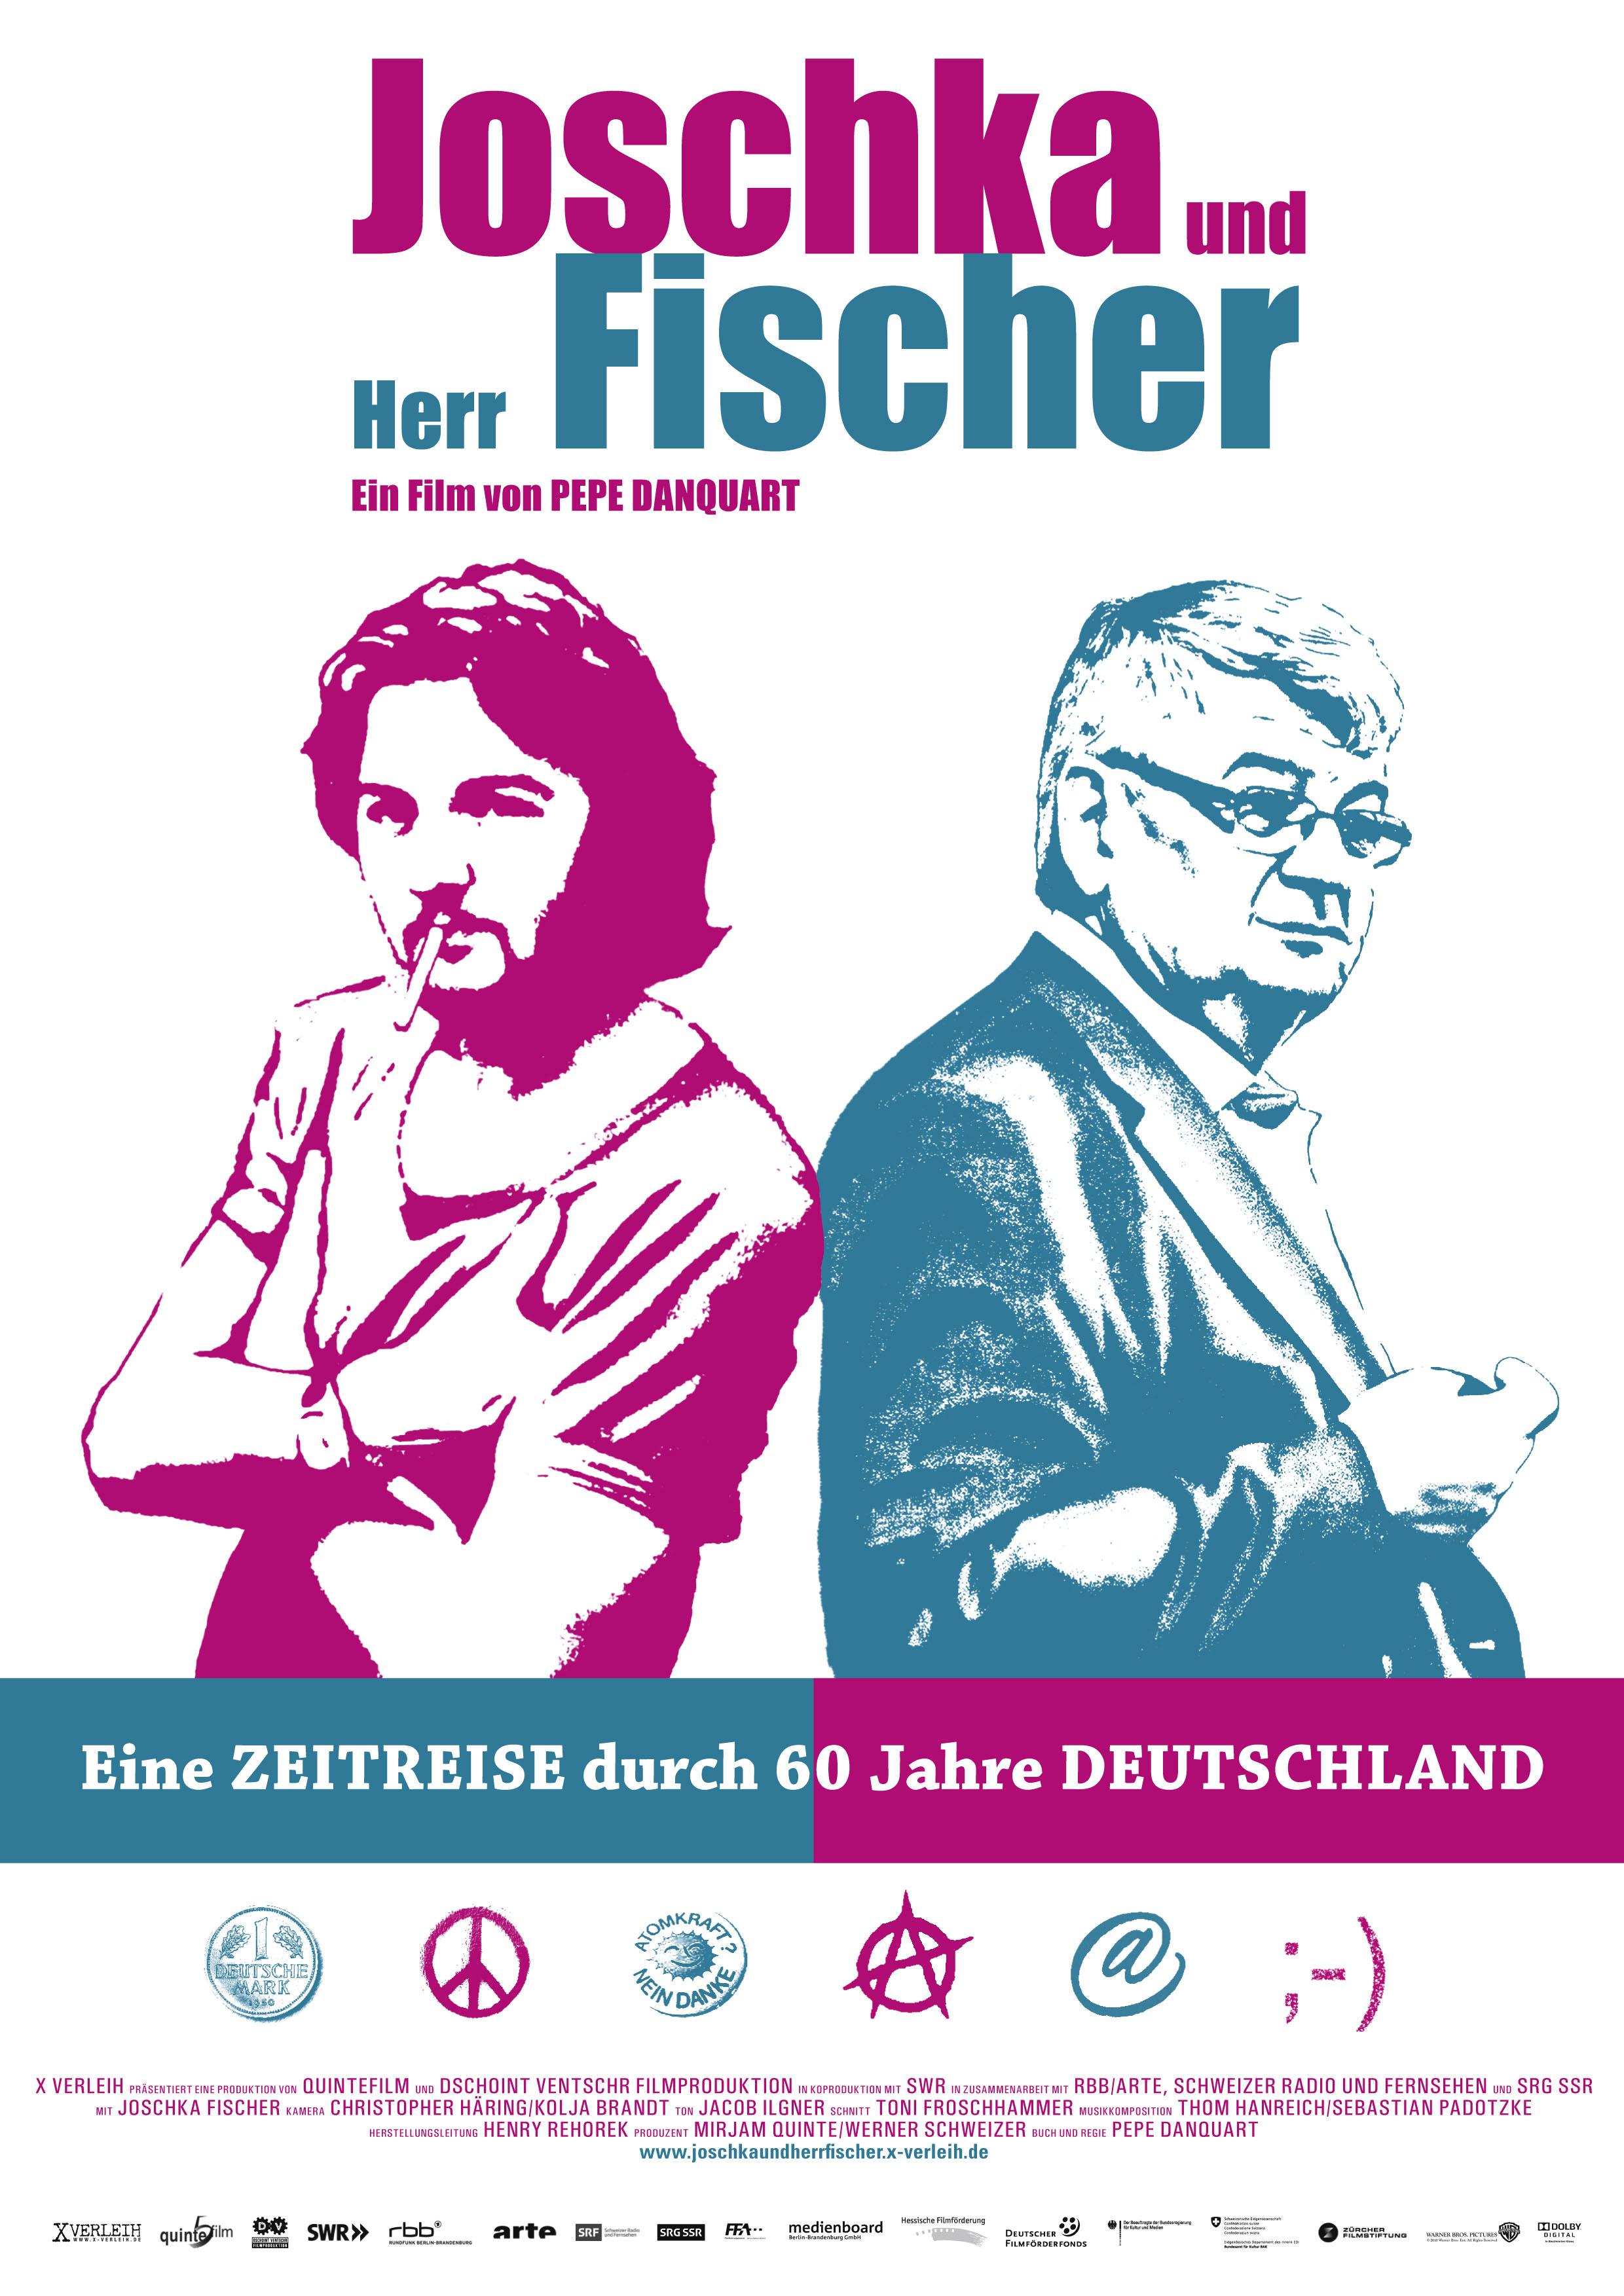 Joschka und Herr Fischer